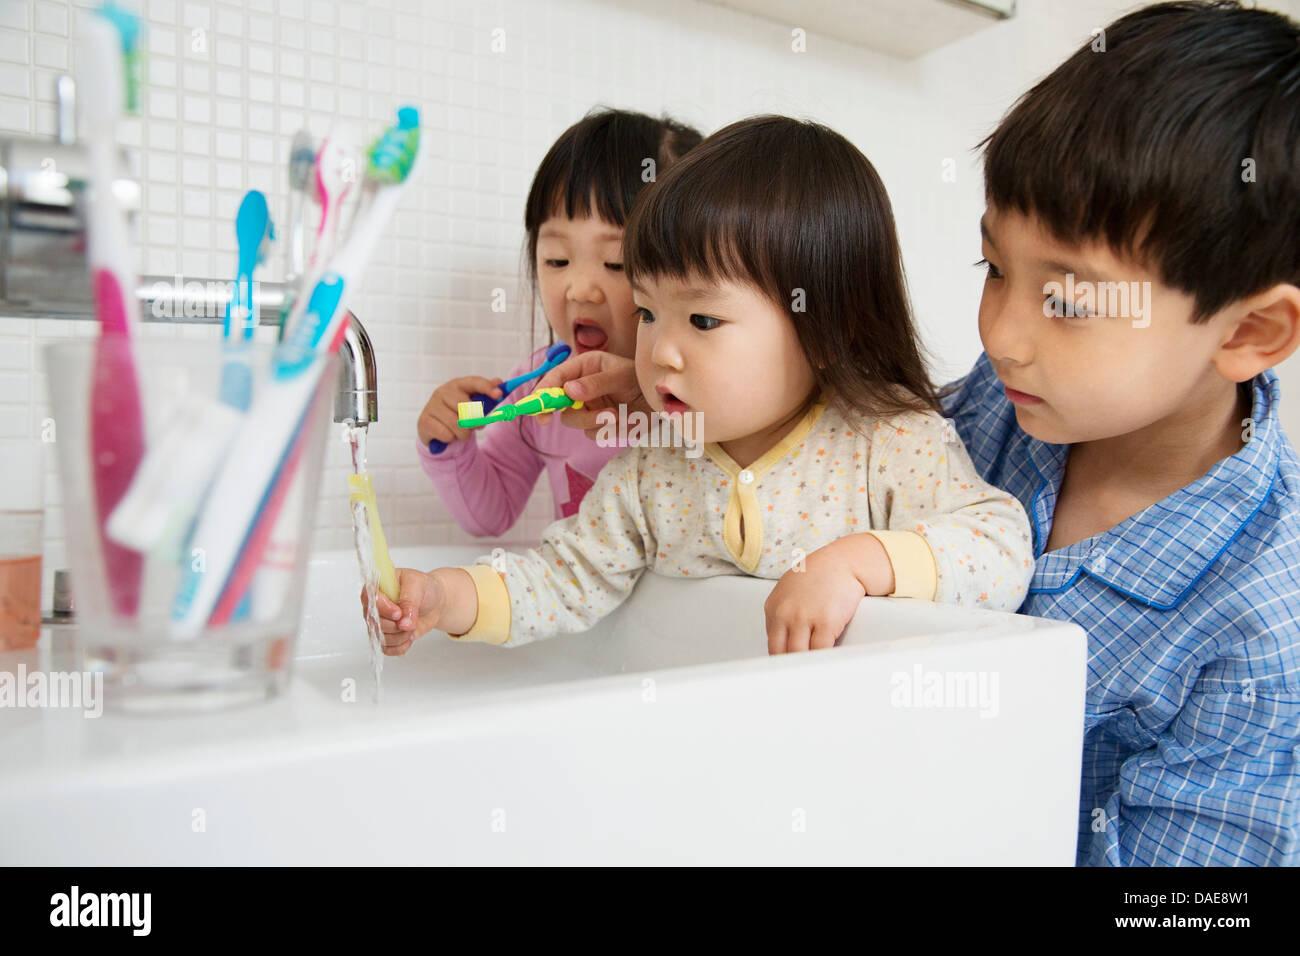 Hermano ayudando a las hermanas a mantener limpios los dientes Imagen De Stock